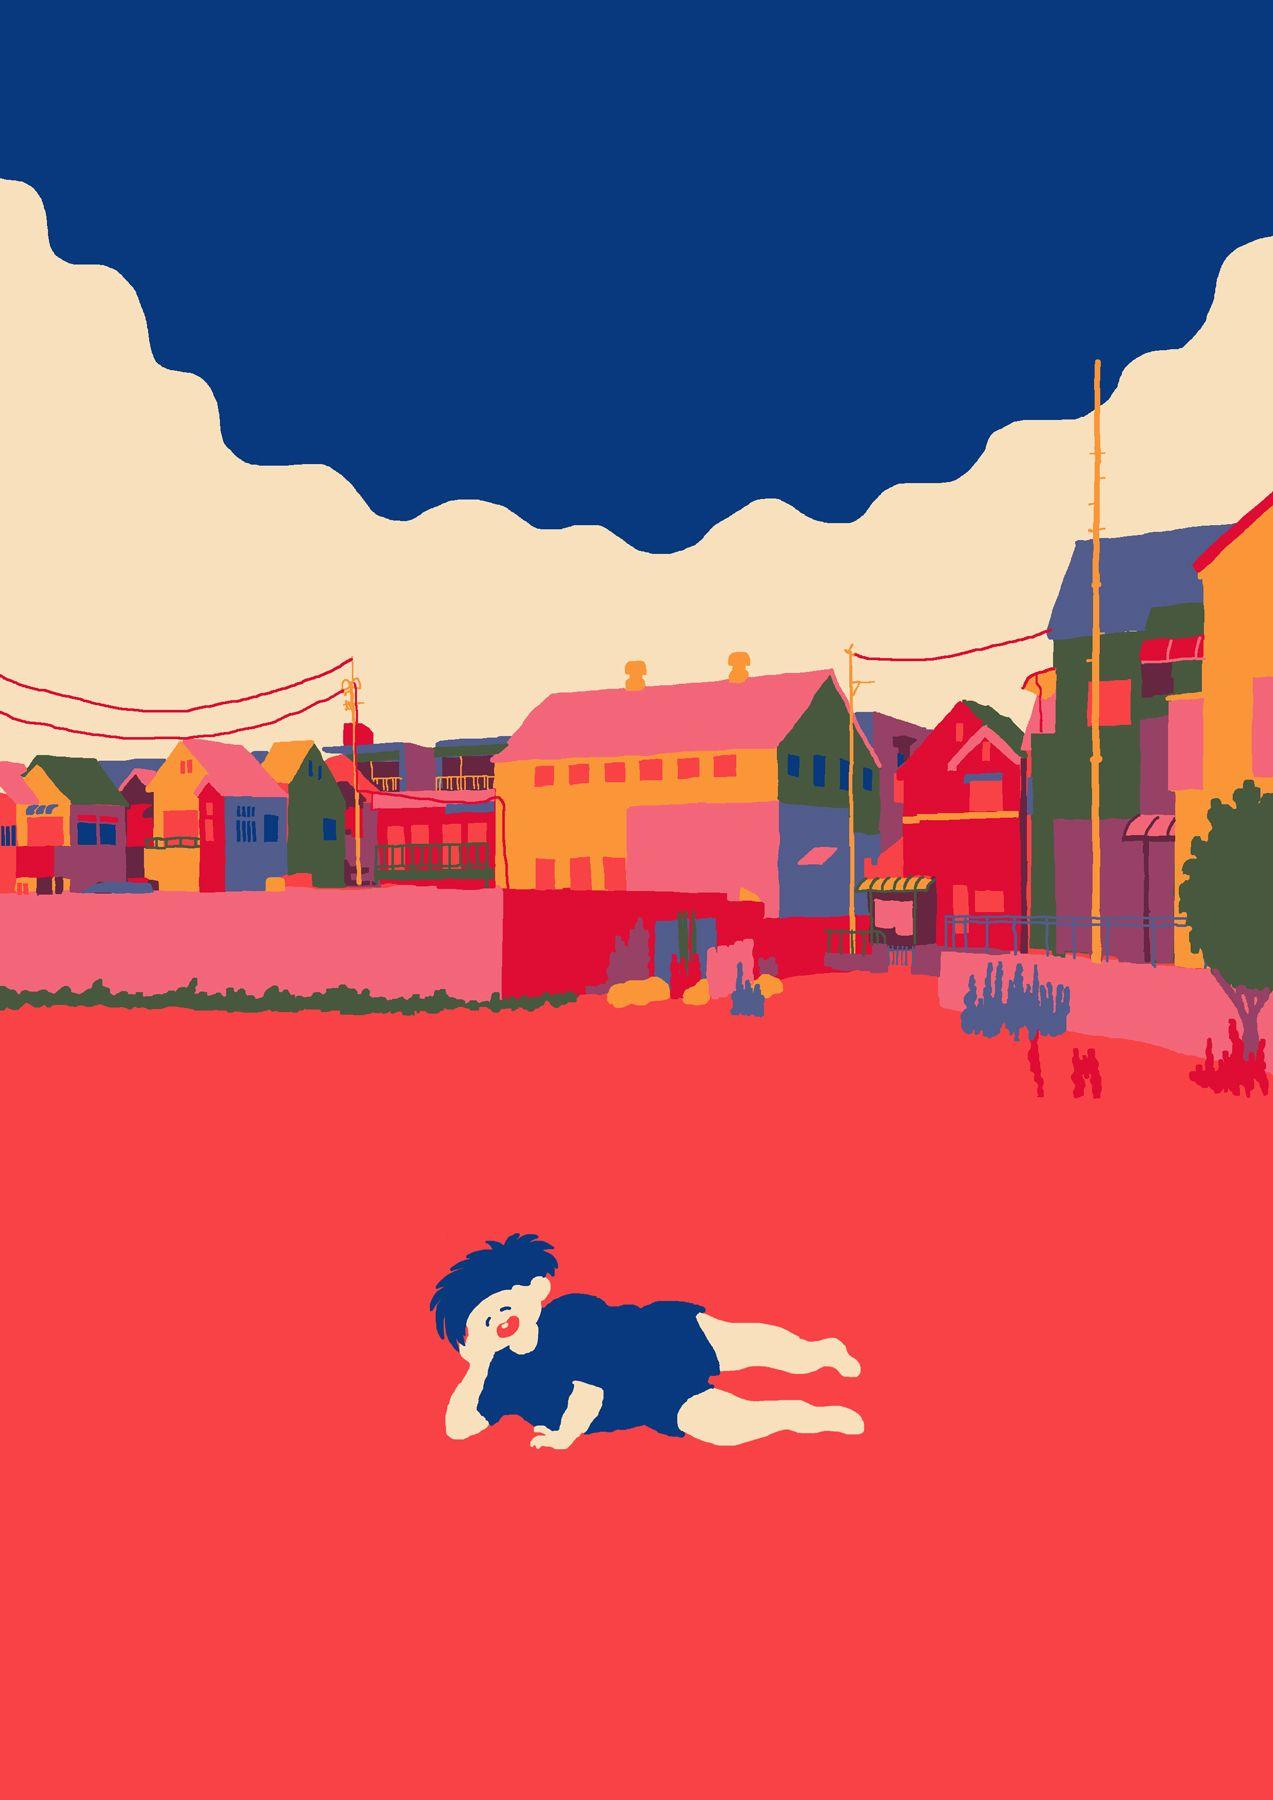 Japanese Illustration: Happy Void. Guugorou. 2015 | Gurafiku: Japanese Graphic Design